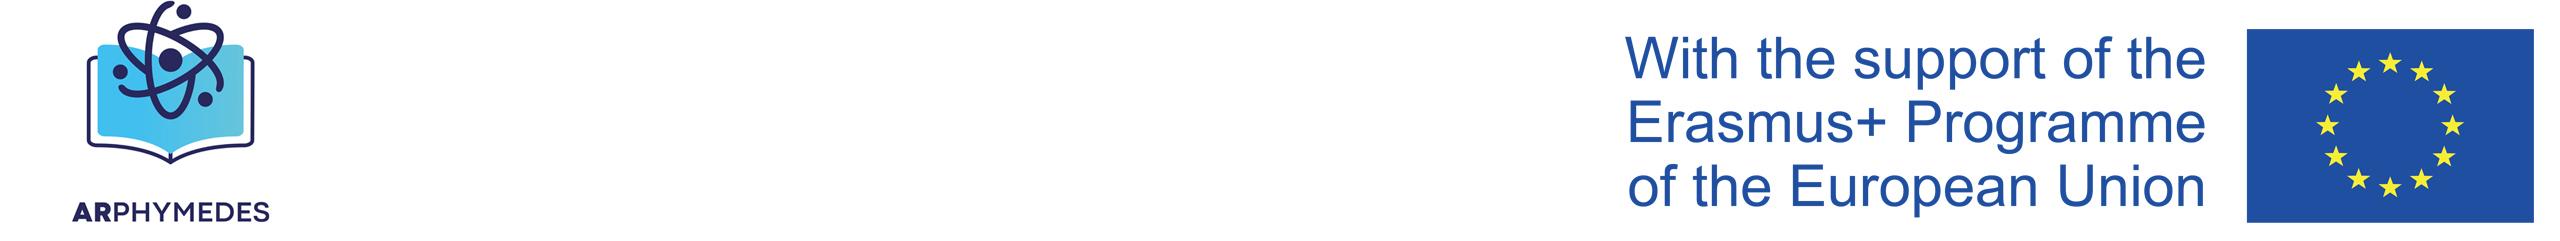 erasmus+logofooter